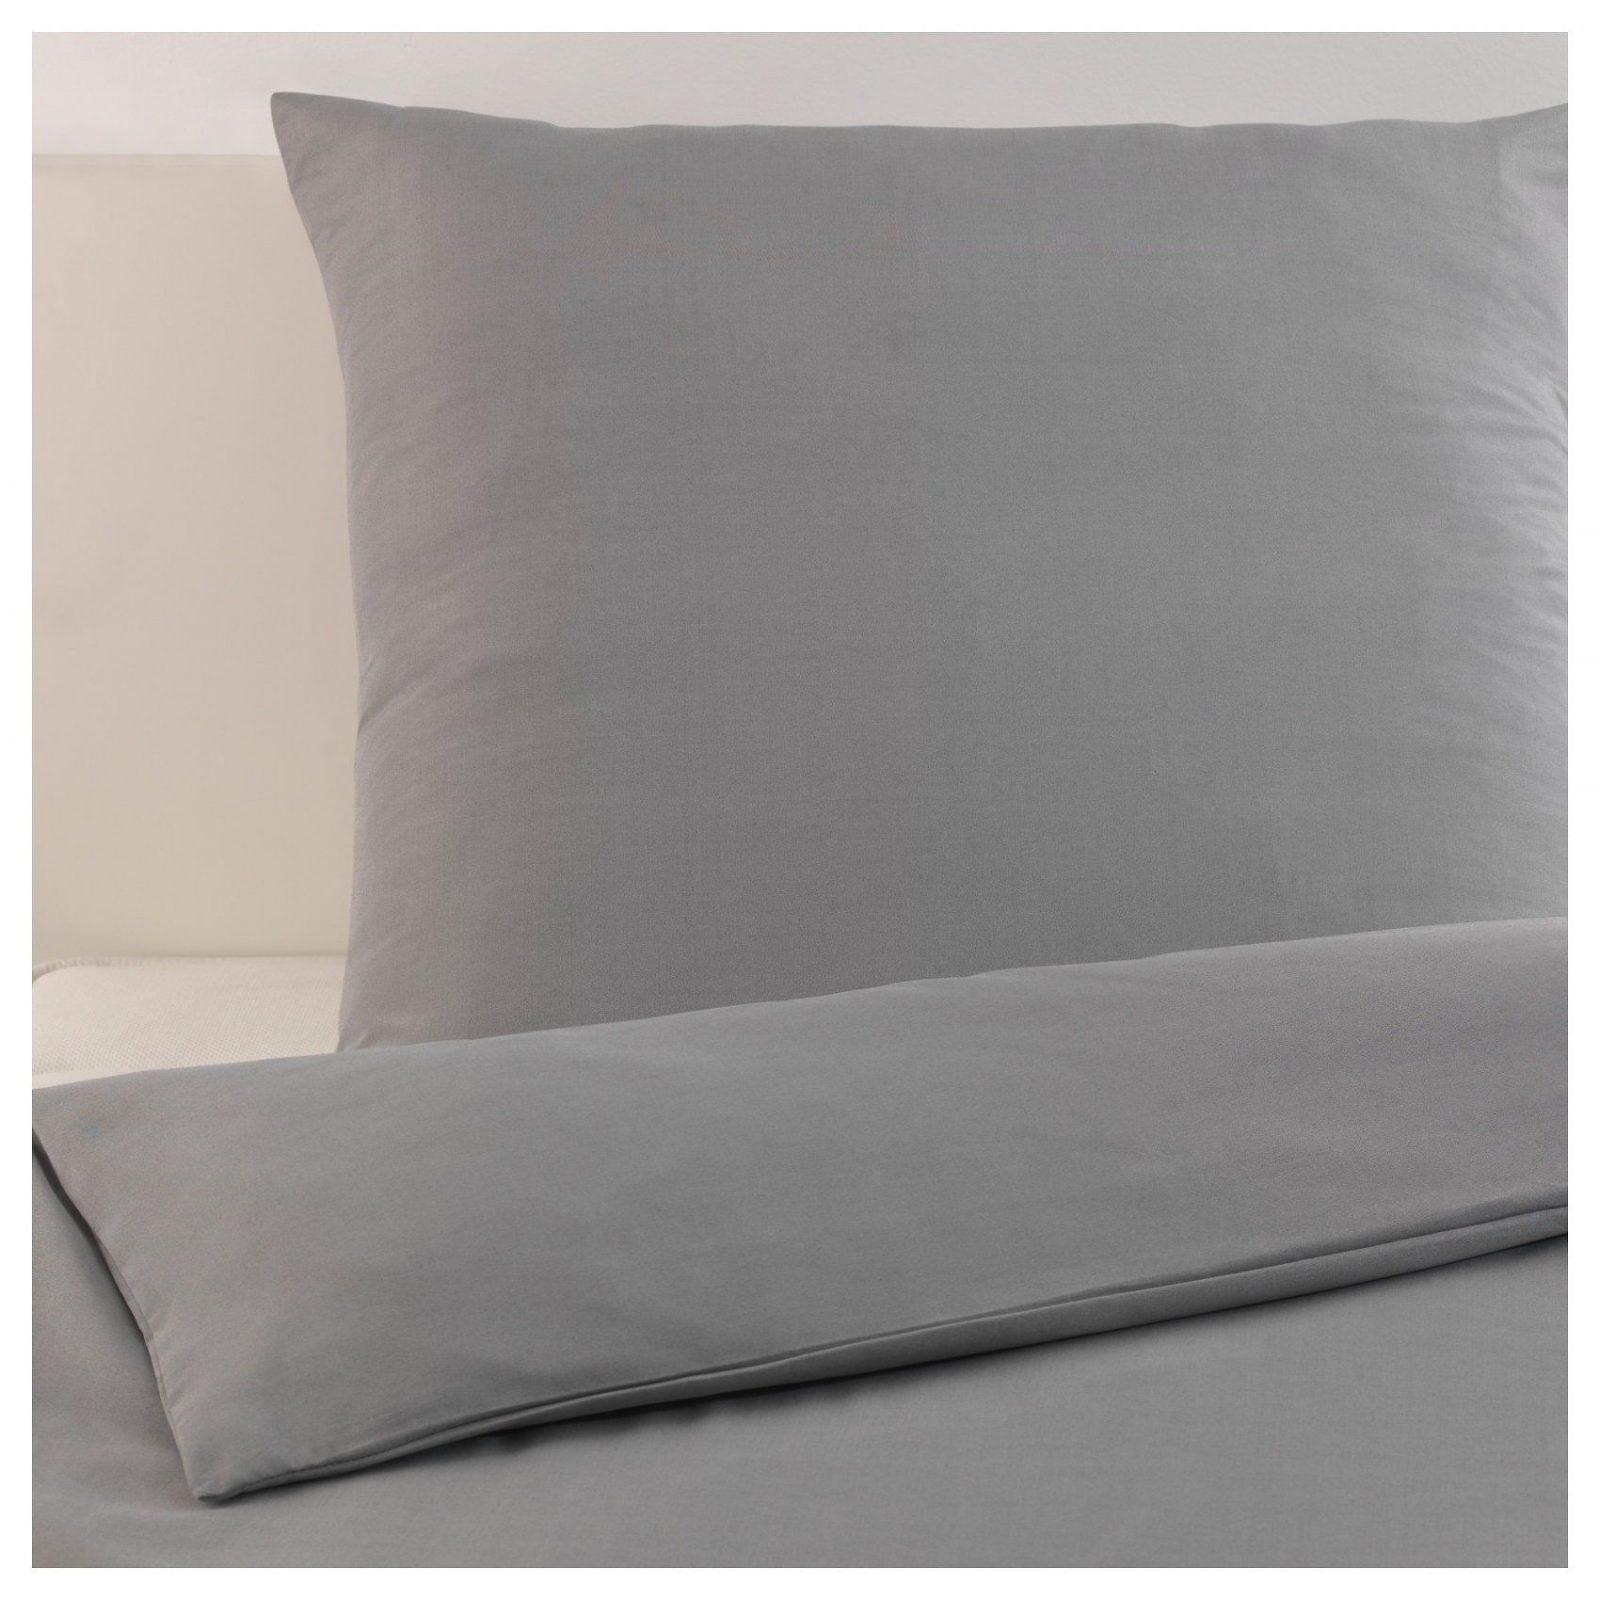 Luxus Leinen Bettwäsche Dunkelgrau  Bettwäsche Ideen von Leinen Bettwäsche Günstig Bild